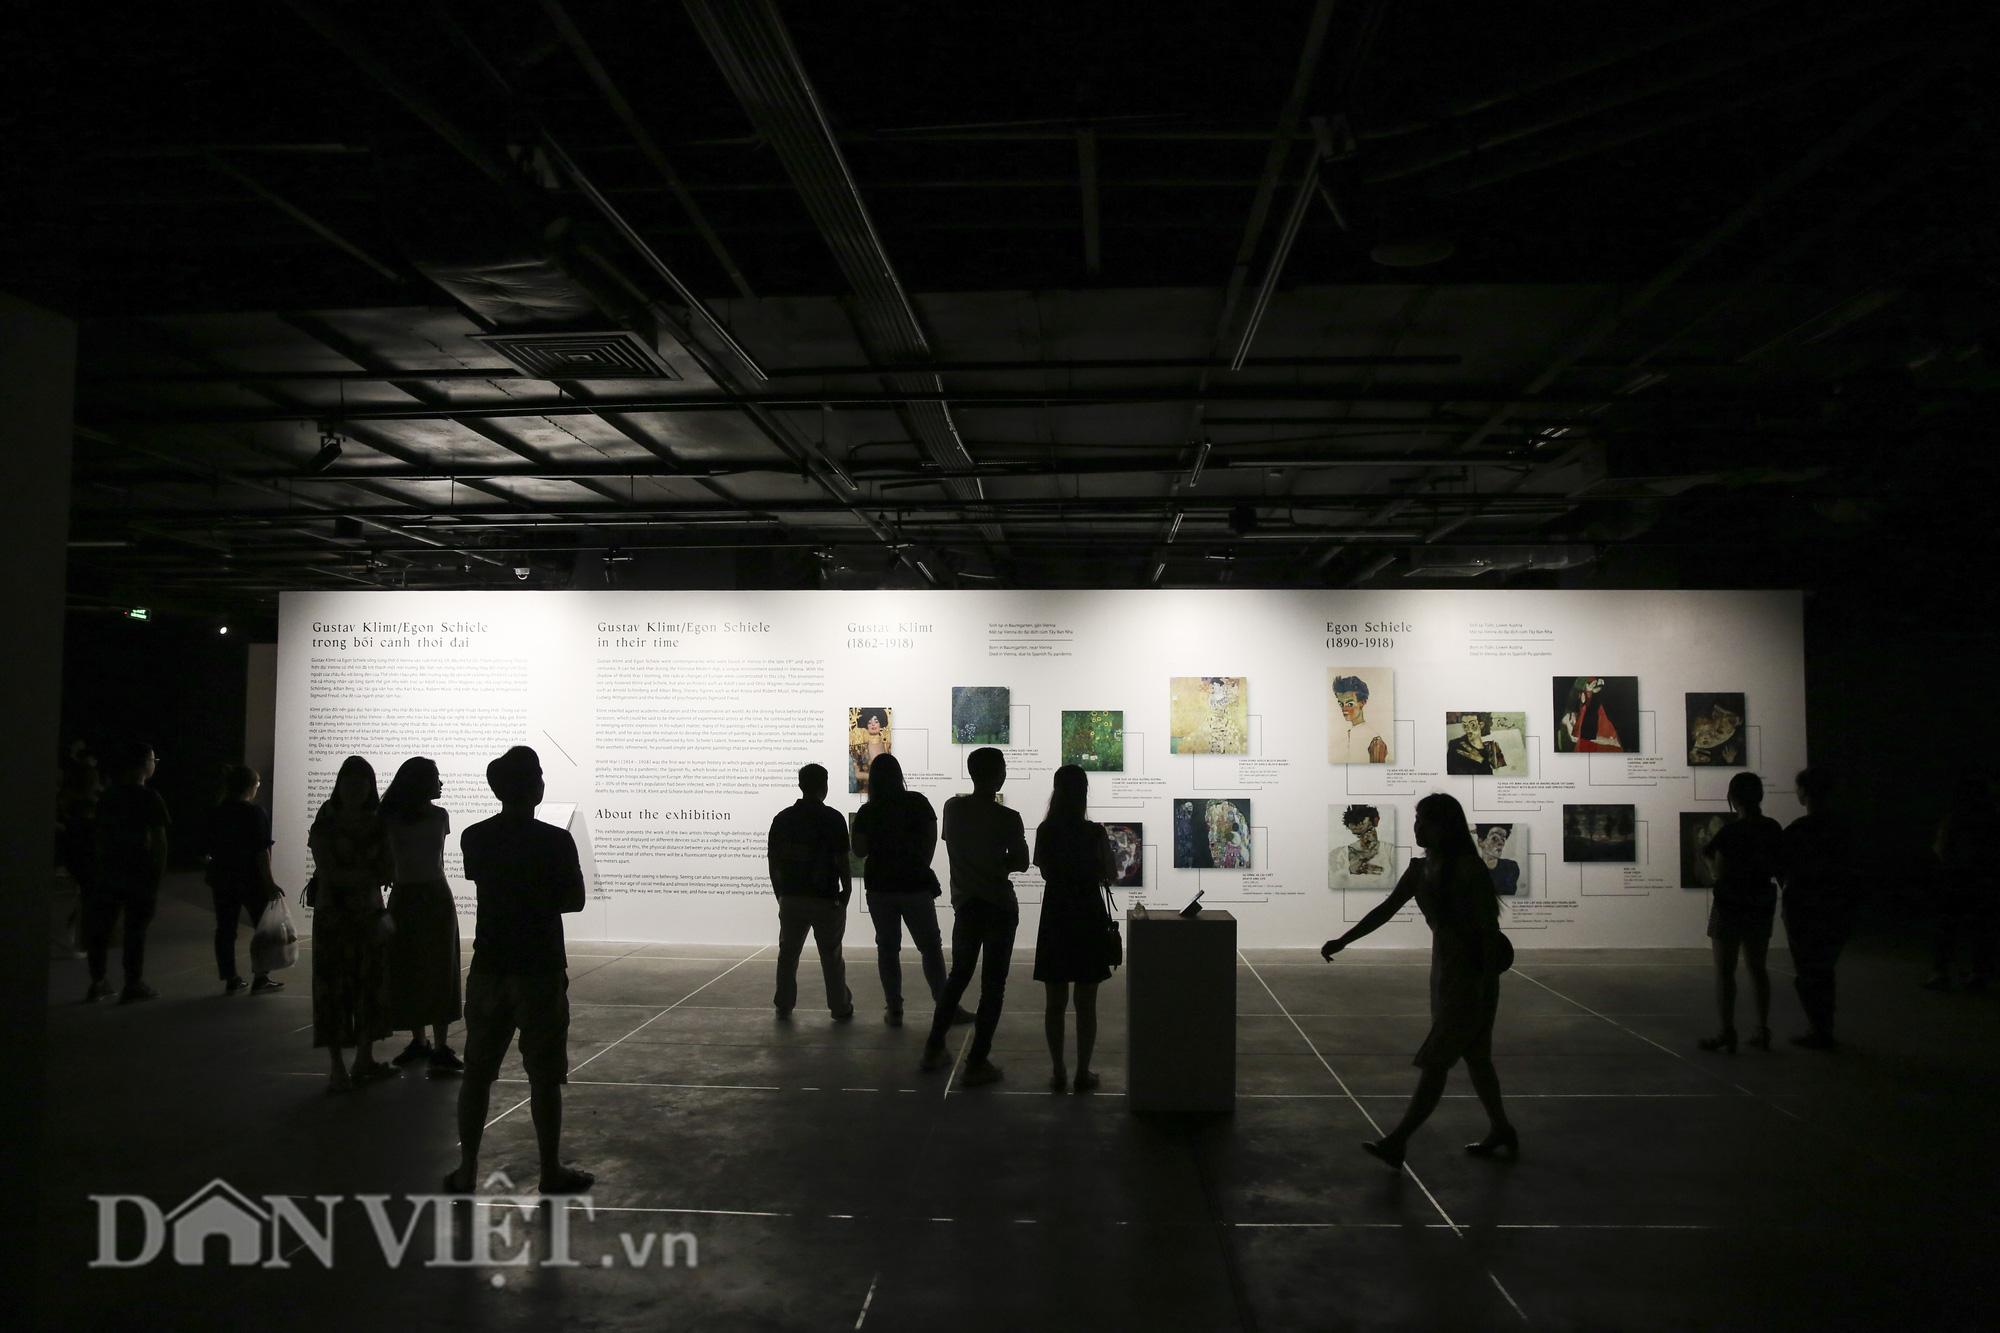 Chiêm ngưỡng những kiệt tác hội họa trăm năm, giá trăm triệu USD tại Hà Nội - Ảnh 1.